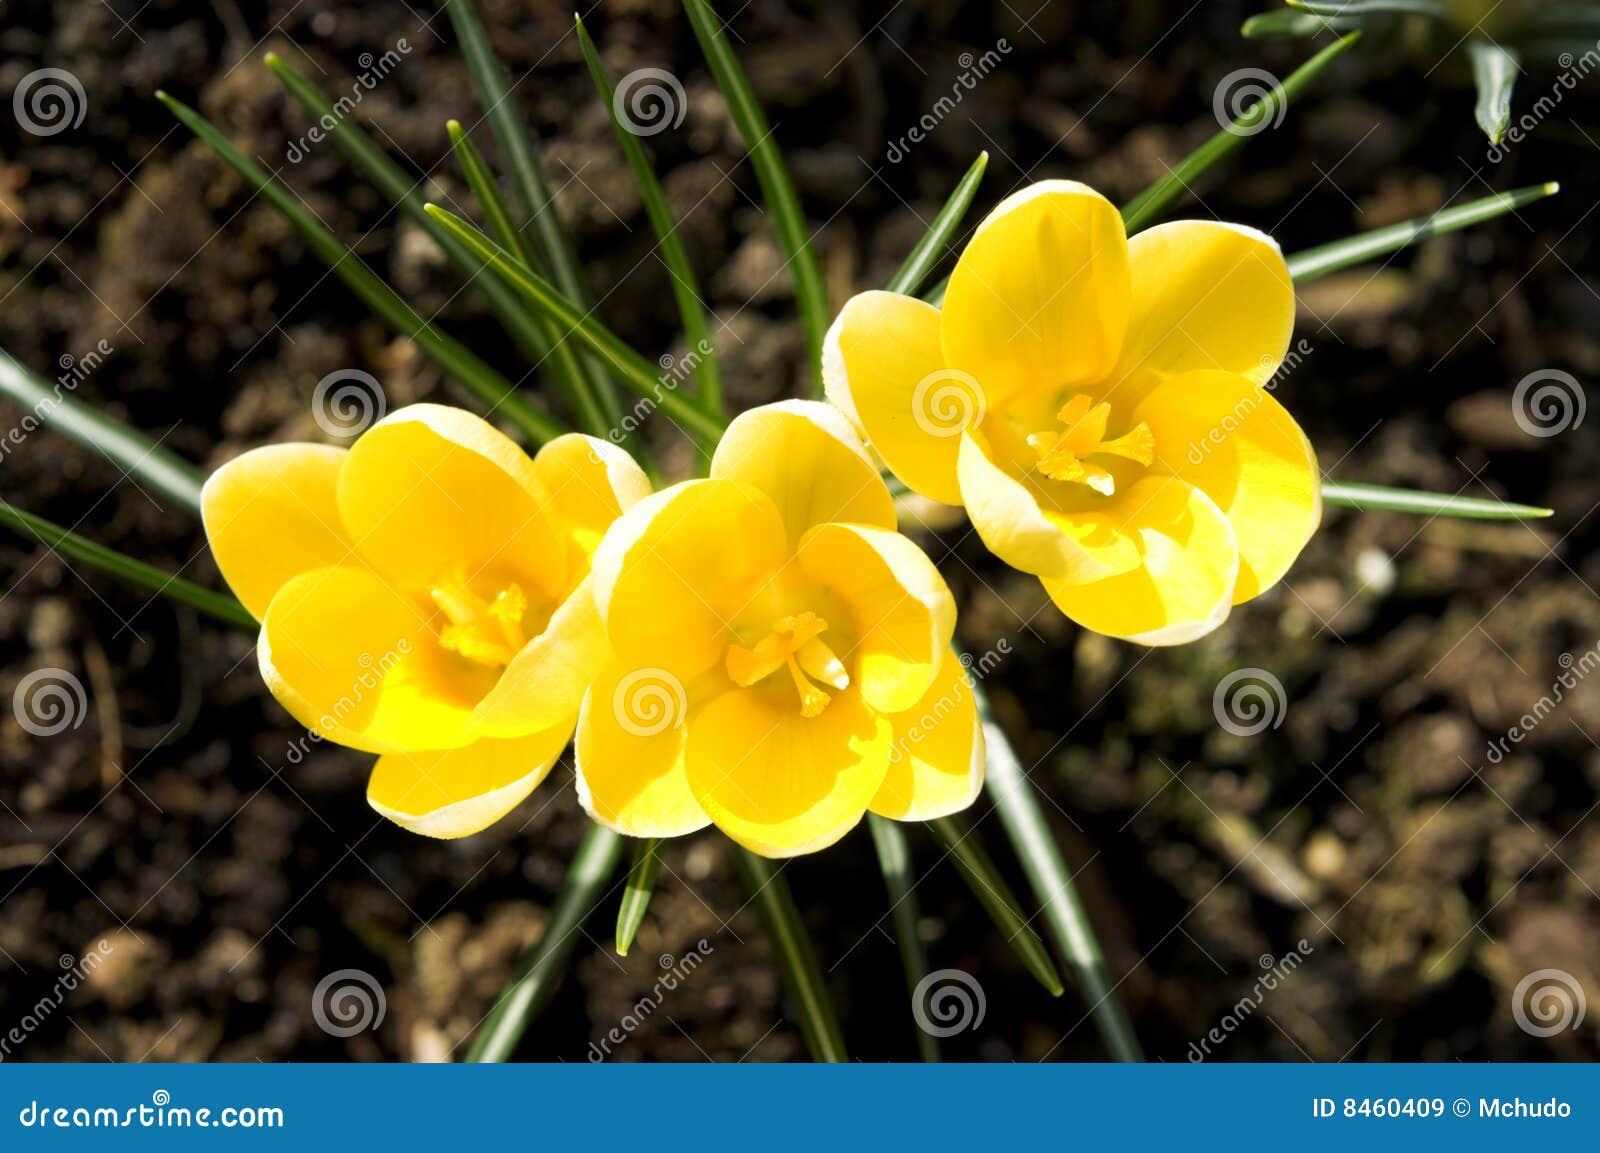 De bloemen van de krokus